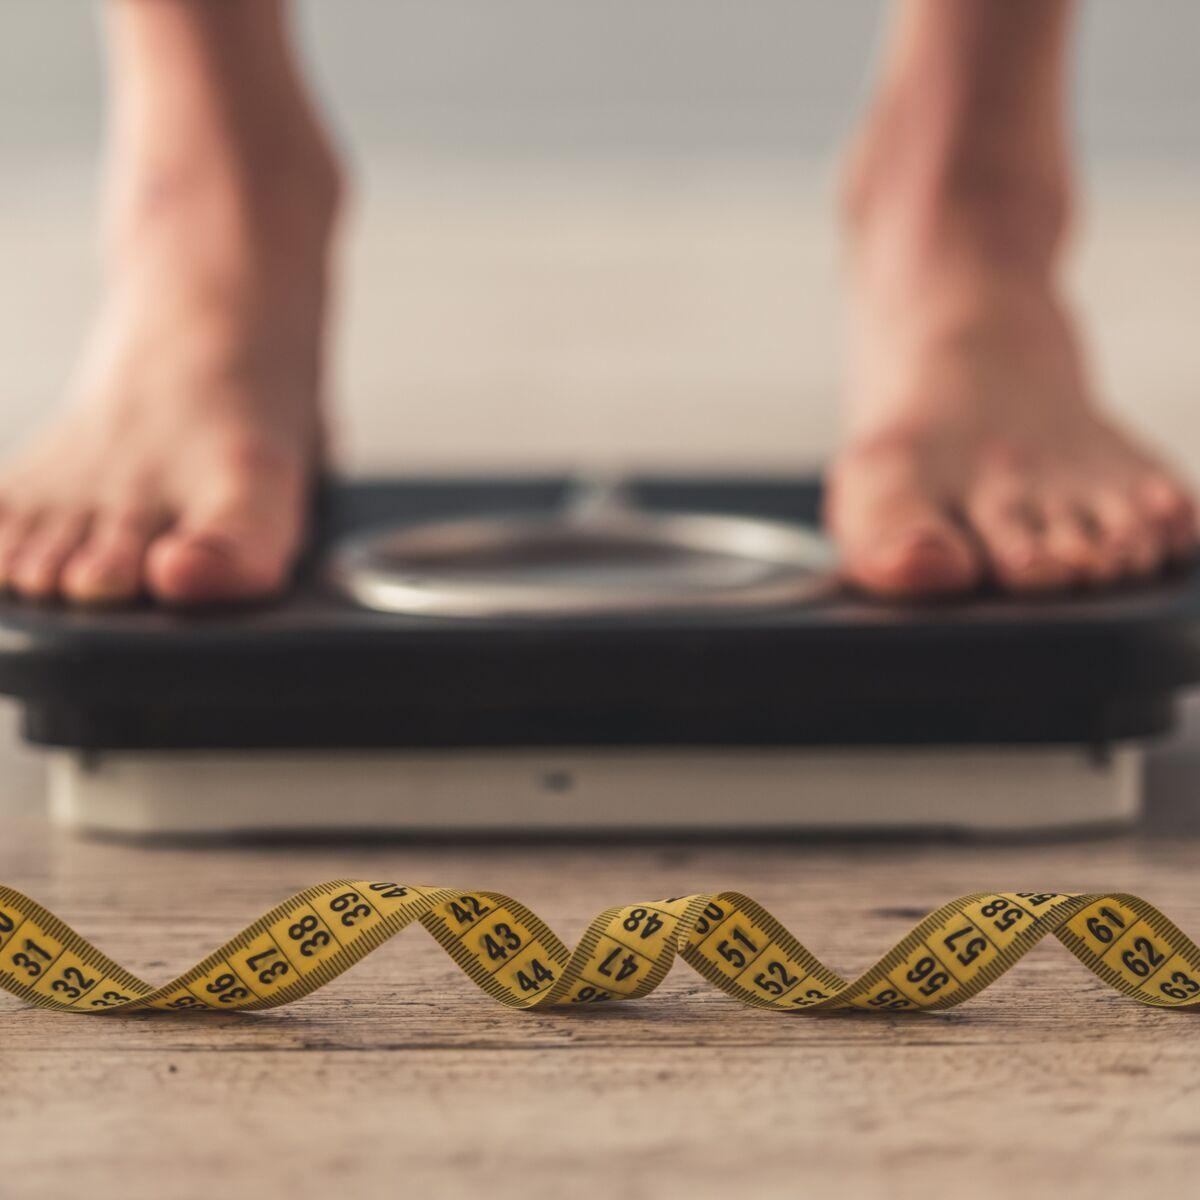 30 lb de différence de perte de poids brûler 1 livre de graisse par jour